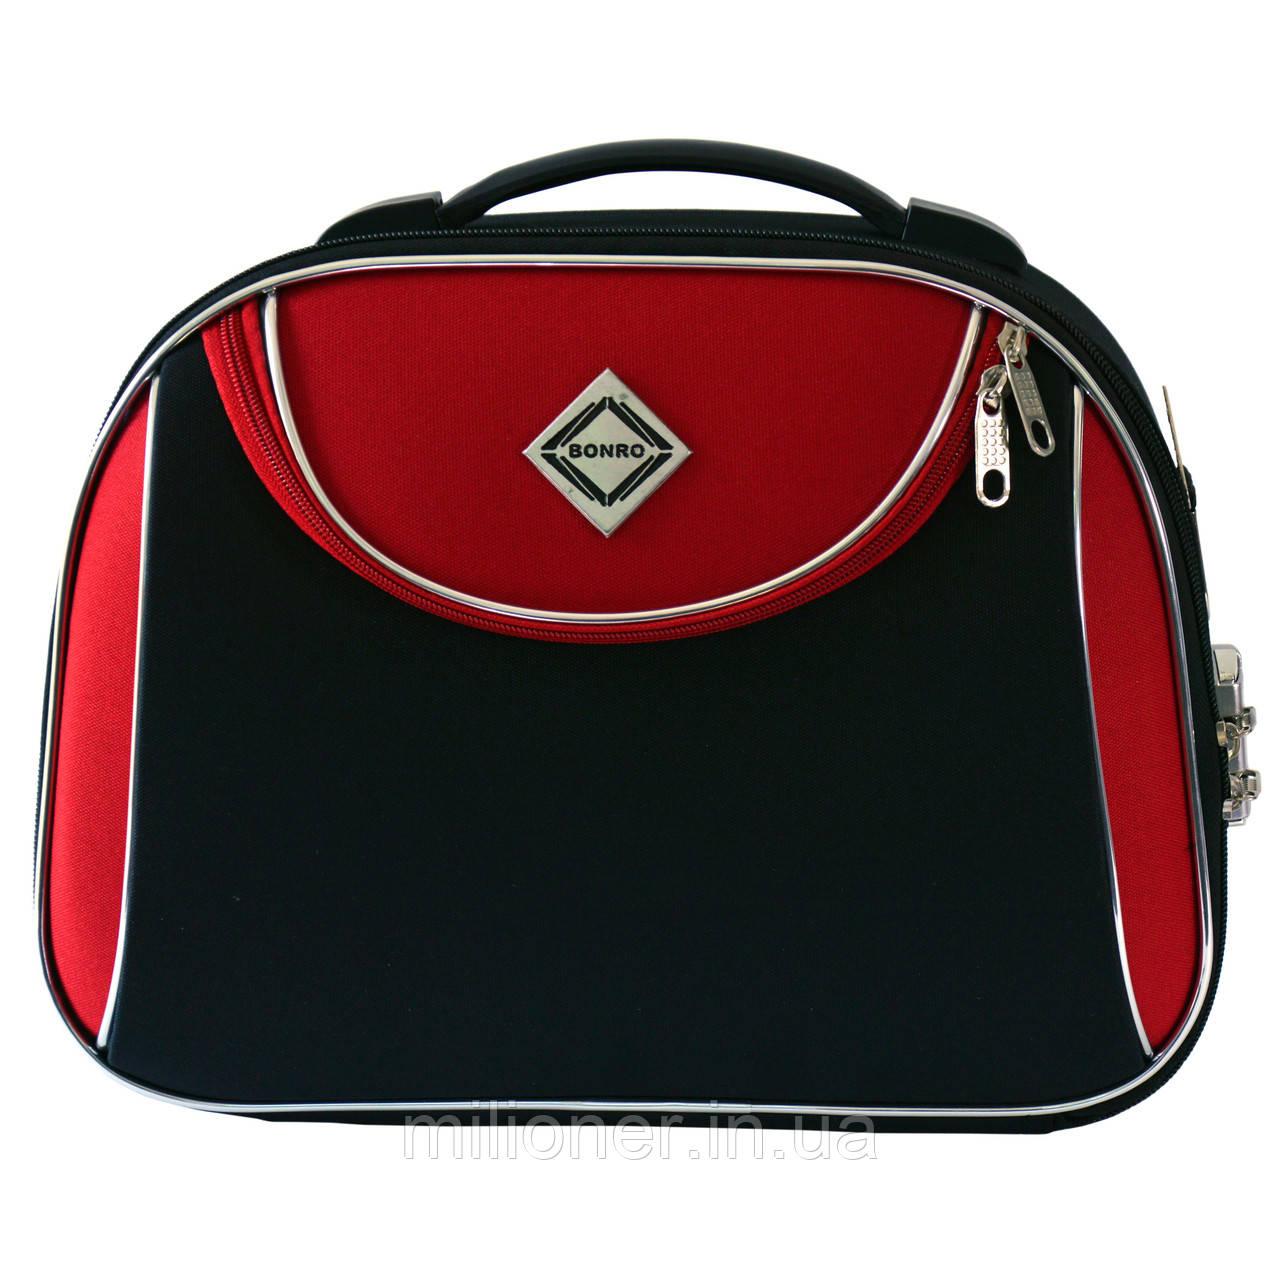 Сумка кейс саквояж Bonro Style (небольшой) черно-красный